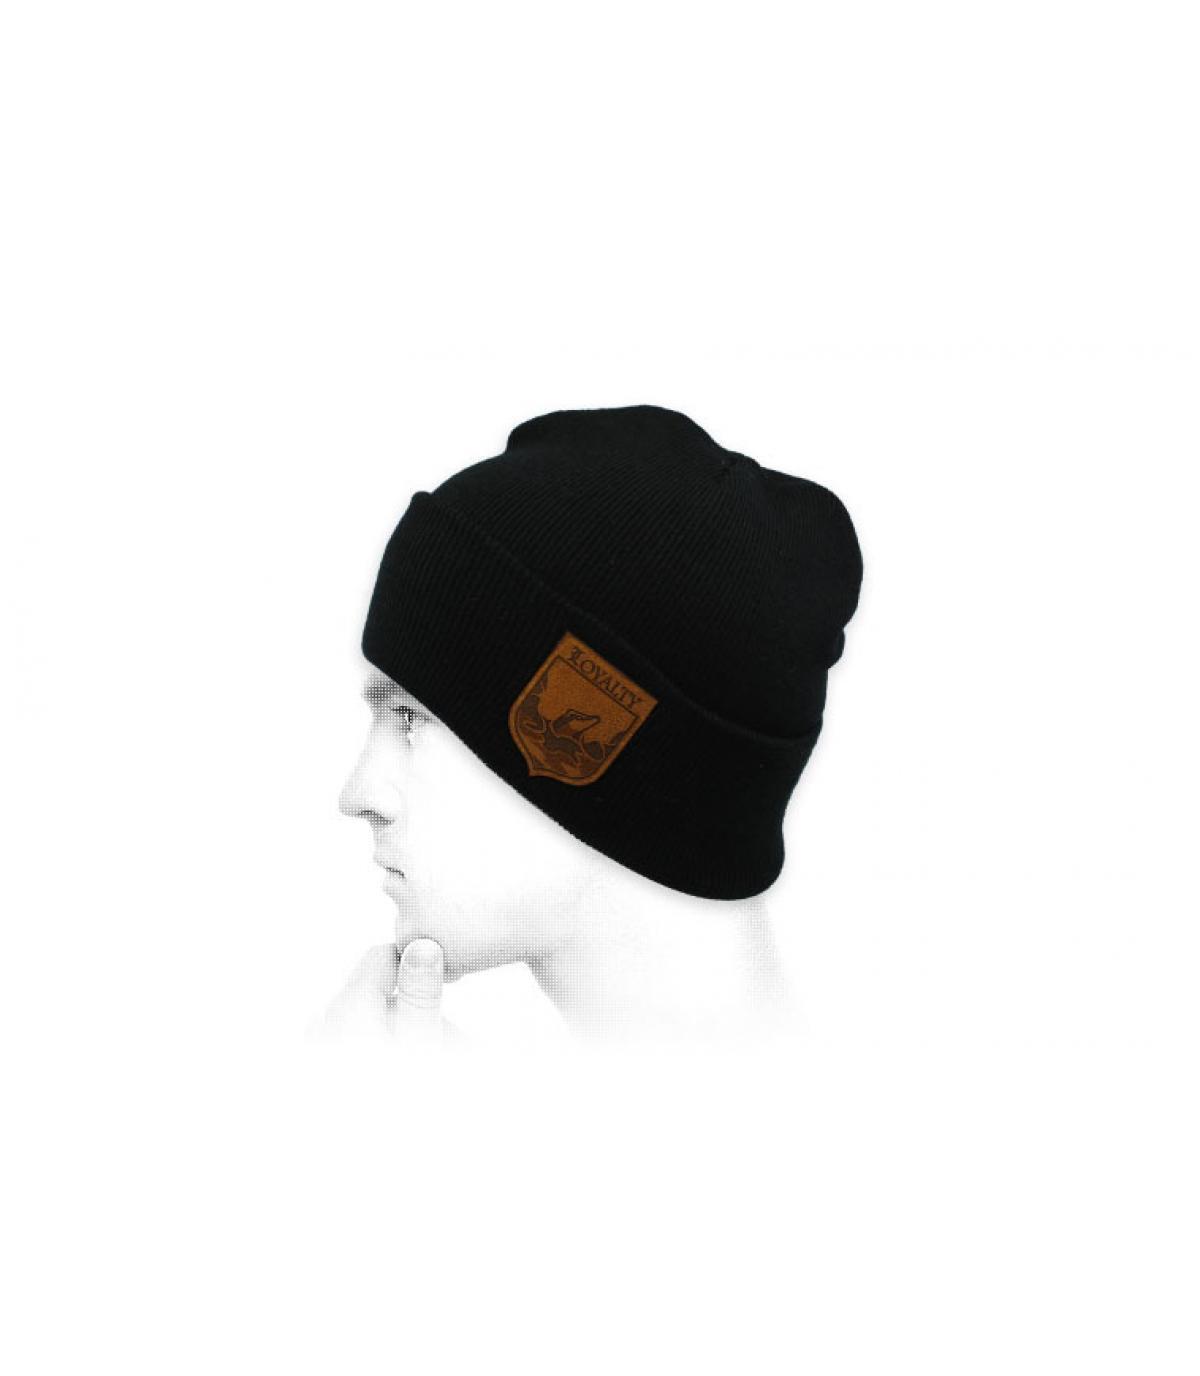 Mütze Loyalty schwarz